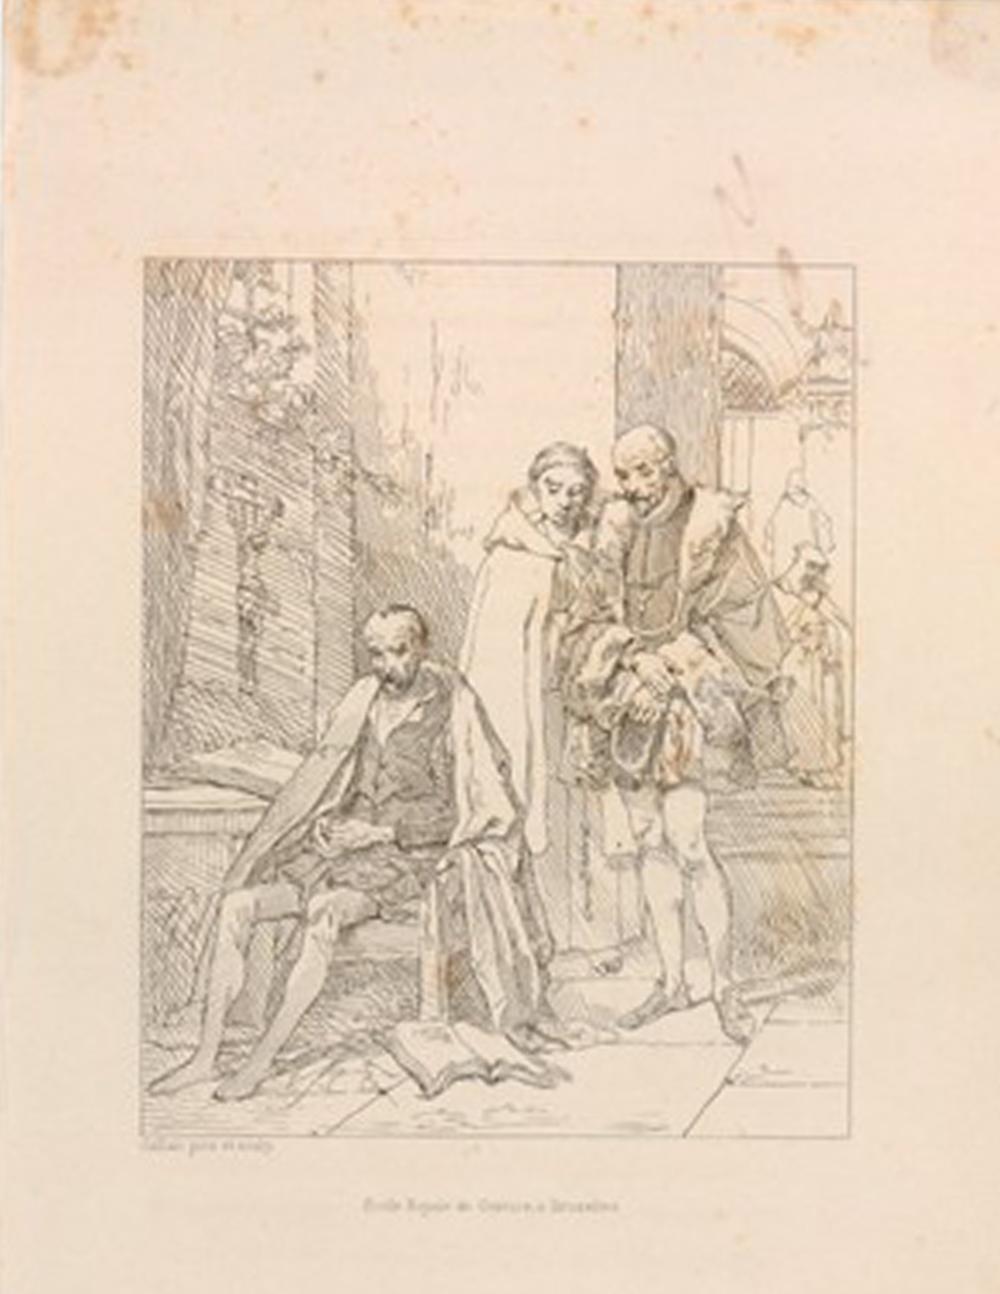 Louis Gallait, École Royale de Gravure à Bruxelles,  Le Tasse en prison, ou Montaigne visitant le Tasse  (1836). Print.  Courtesy of The British Museum  Appears:  Writing